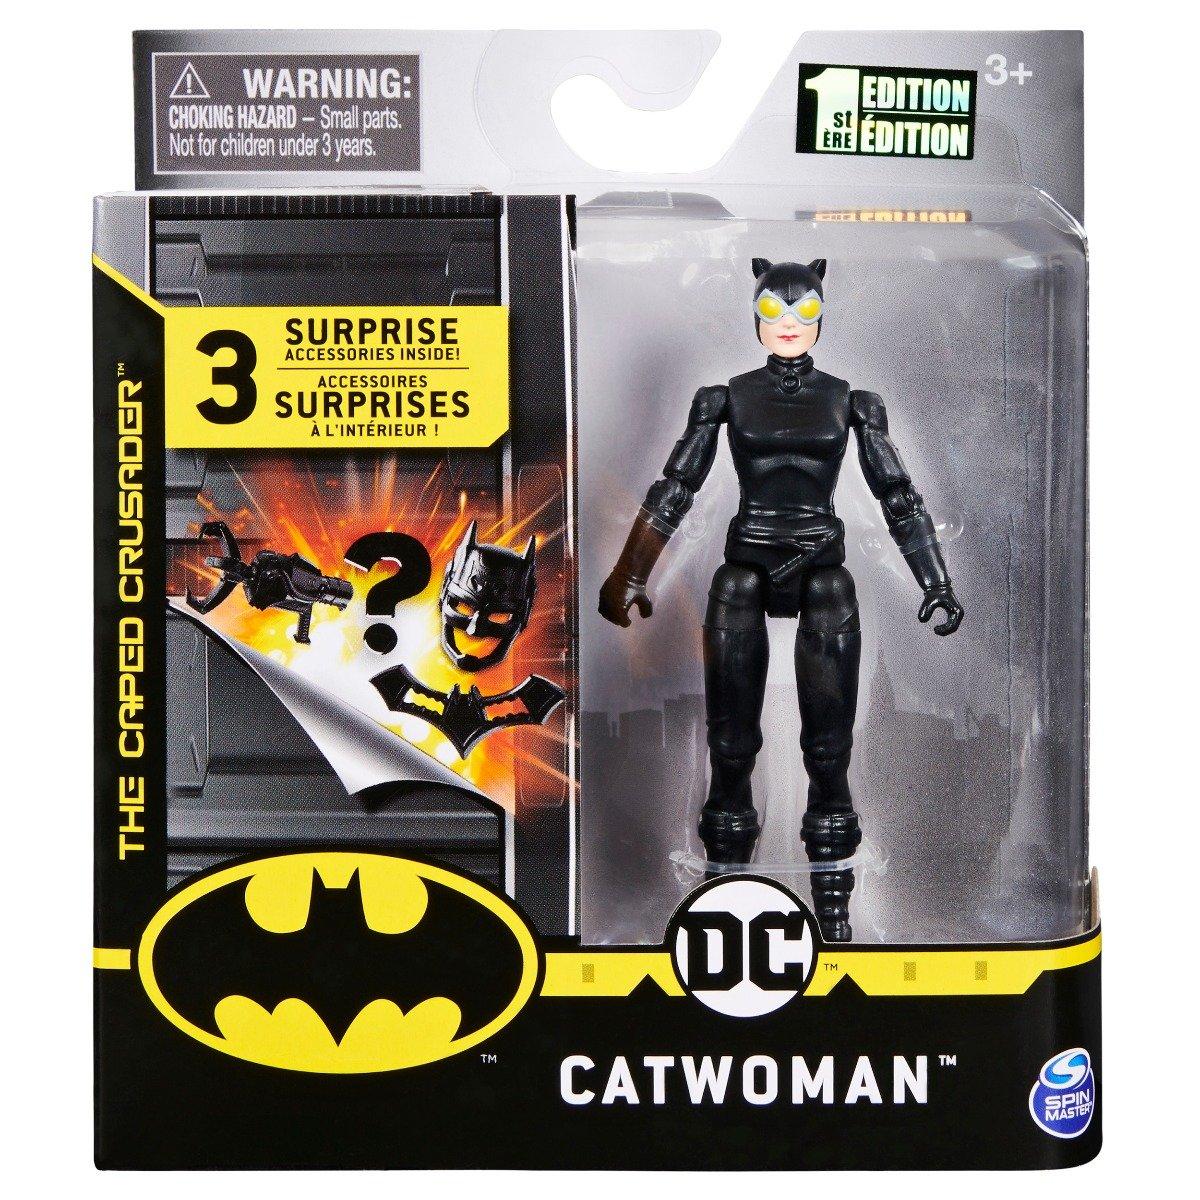 Set Figurina cu accesorii surpriza Batman, Catwoman S1, 20125790